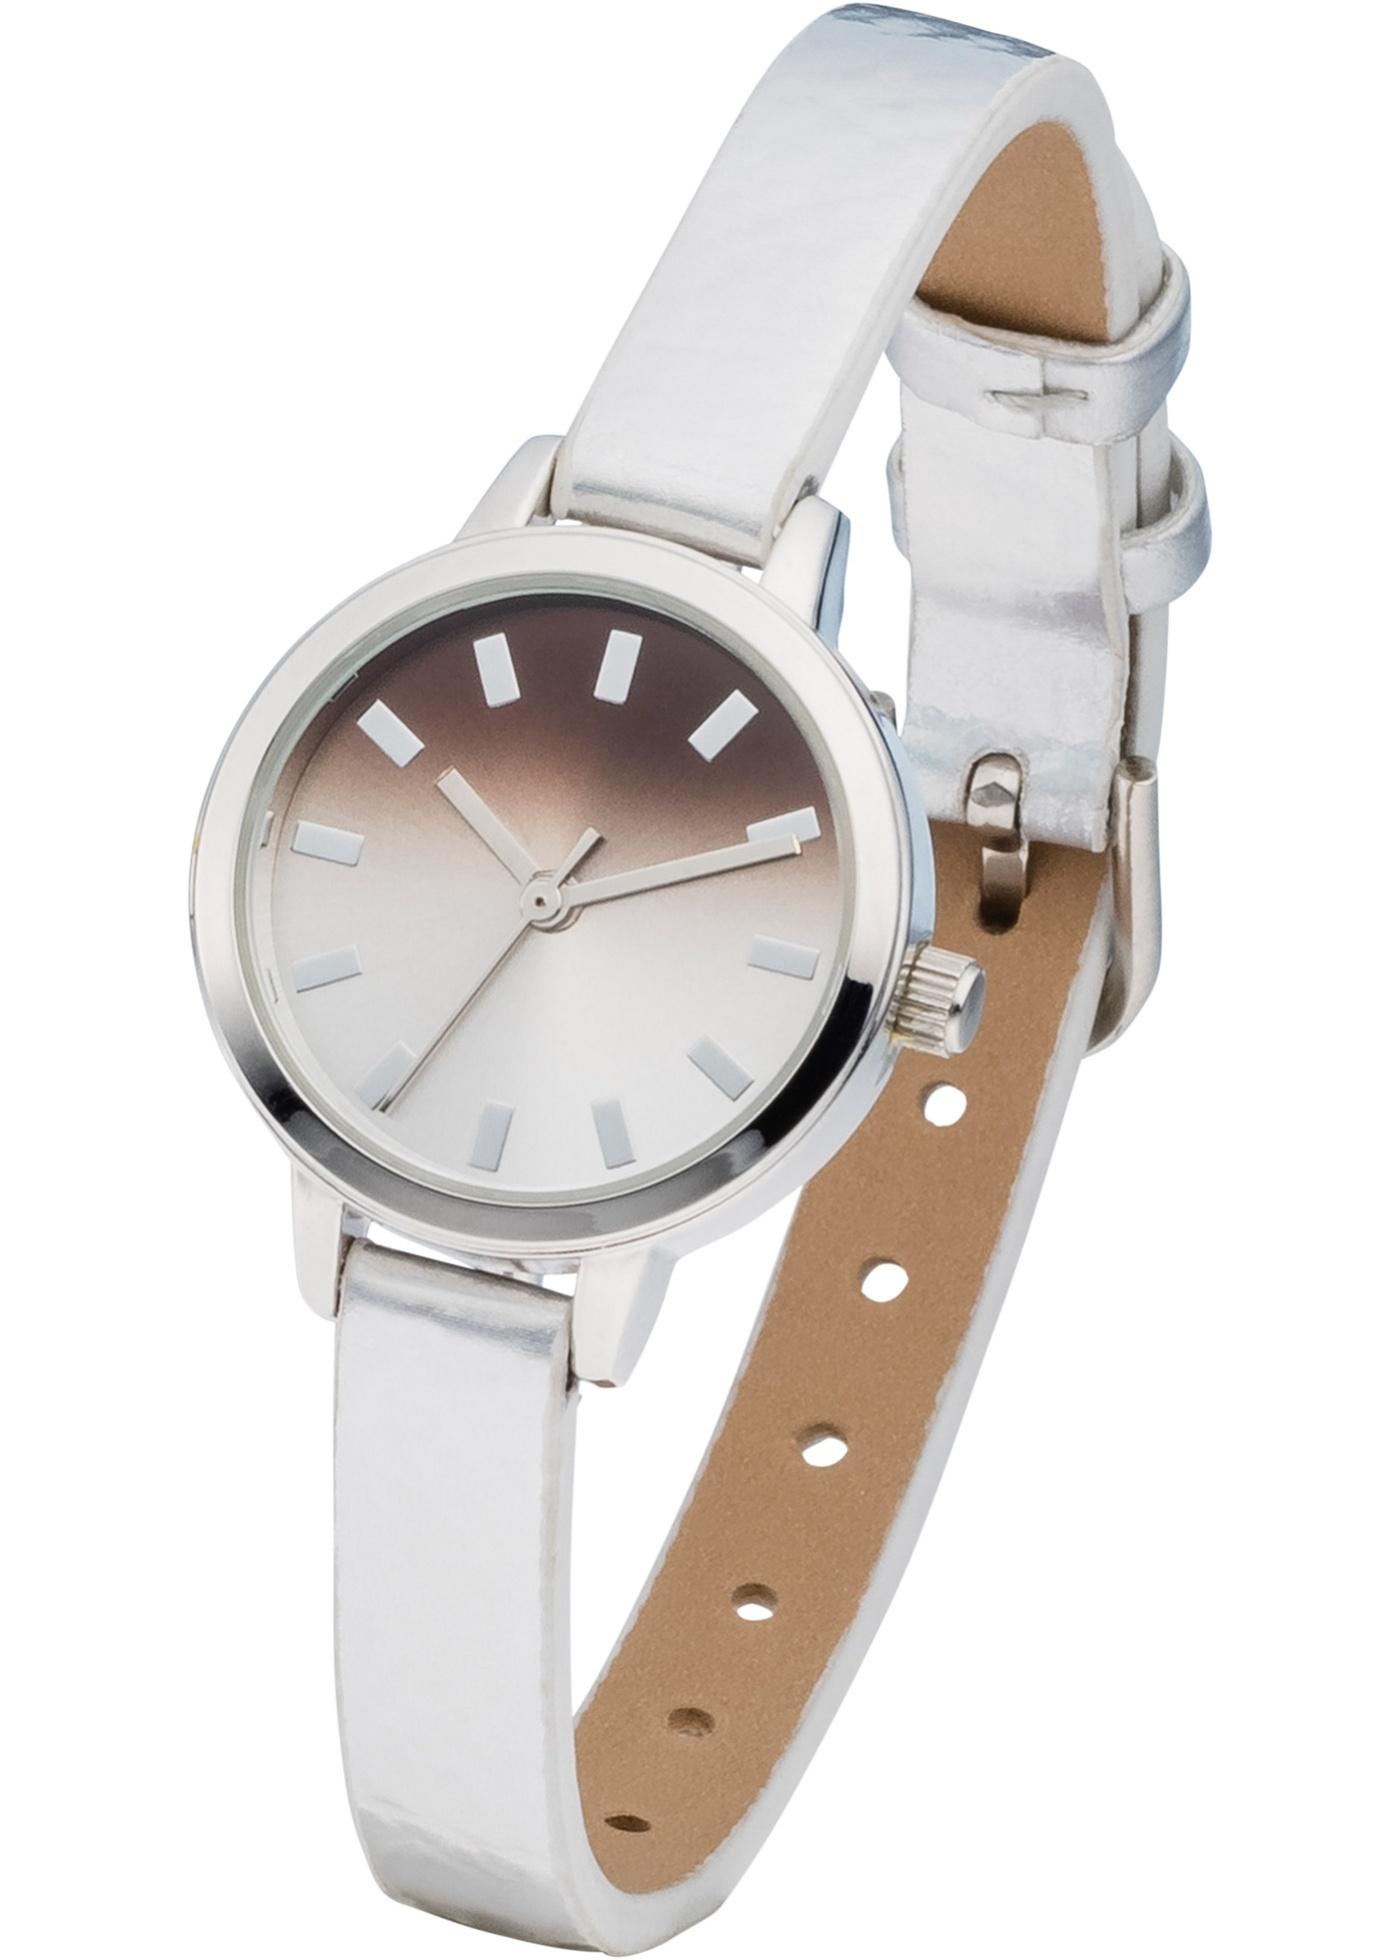 7a564519e21 Náramkové hodinky - Stříbrná